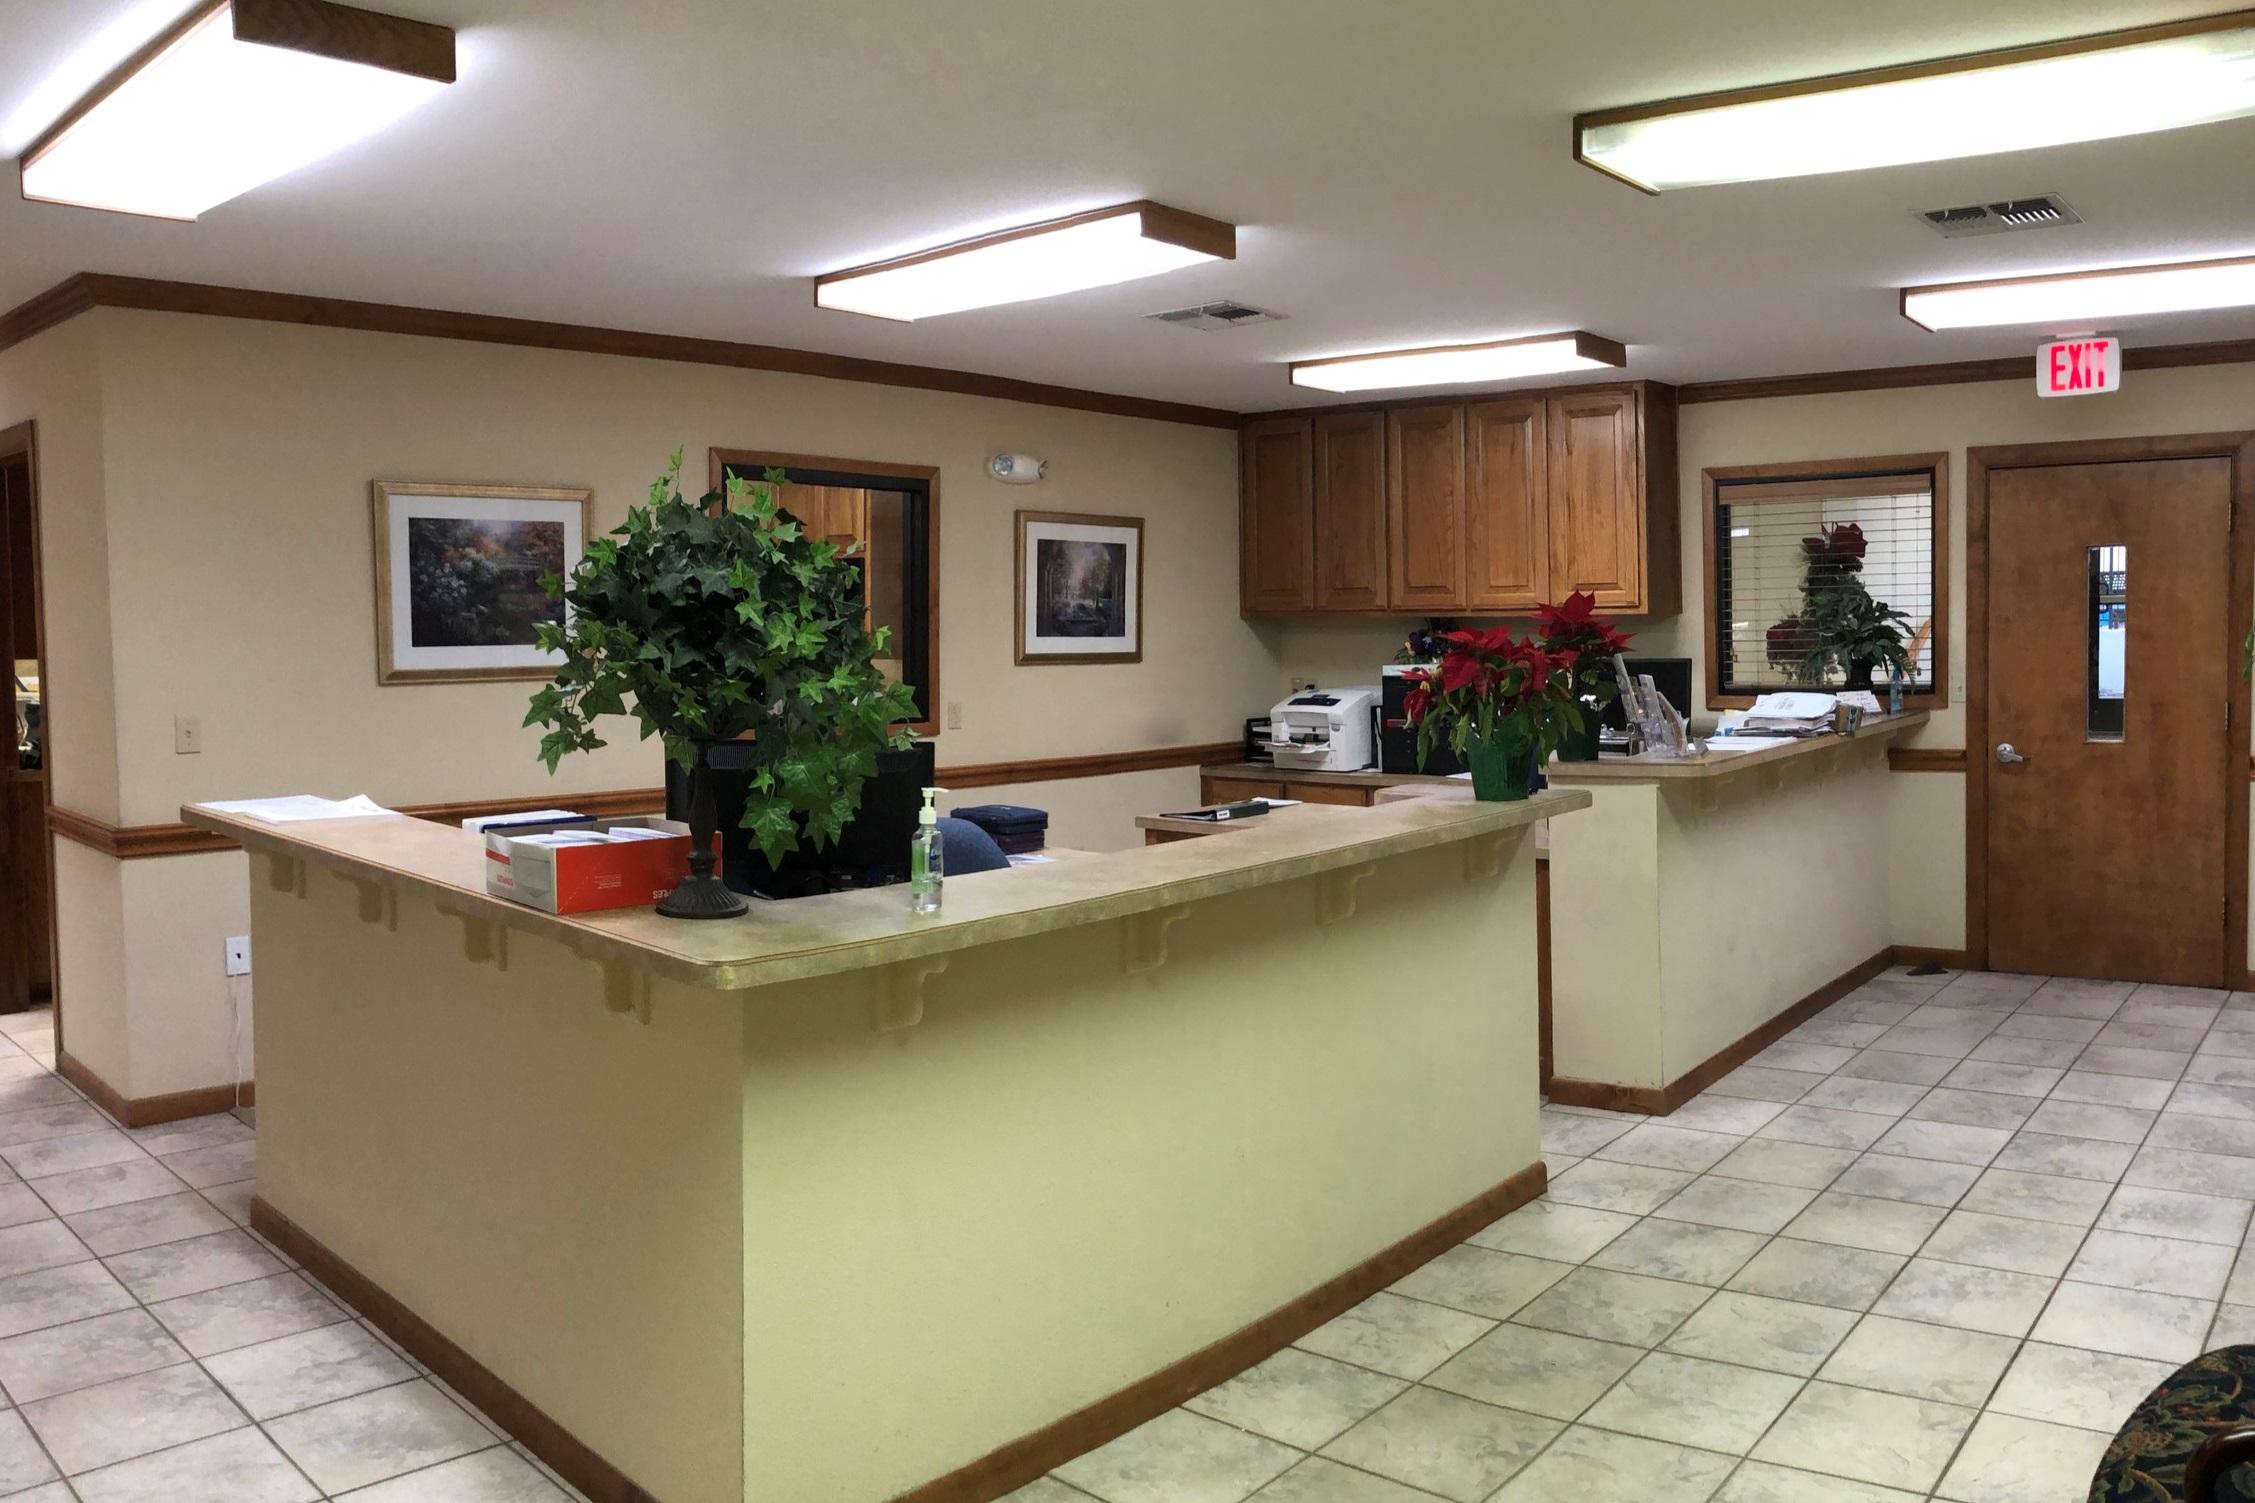 Church office lobby